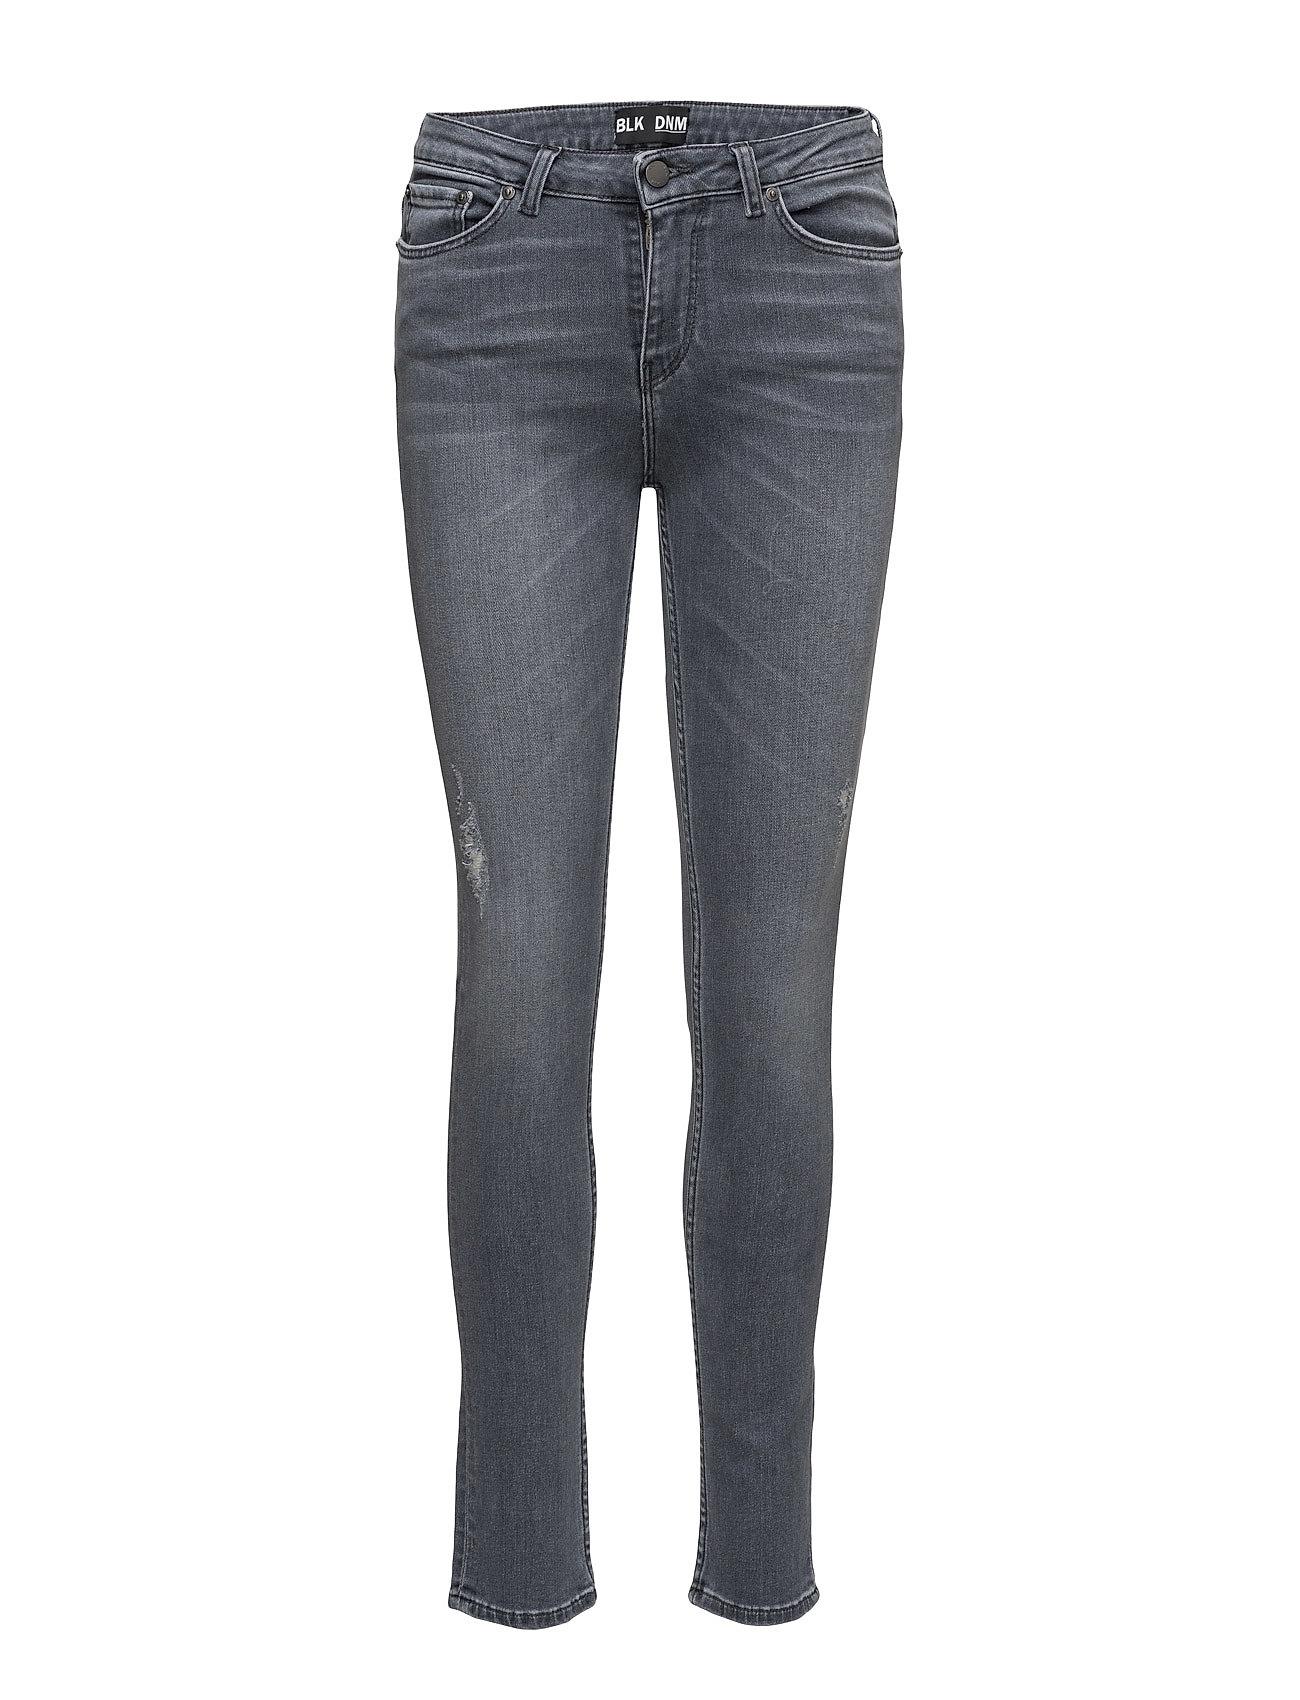 Jeans 22 BLK DNM Skinny til Damer i